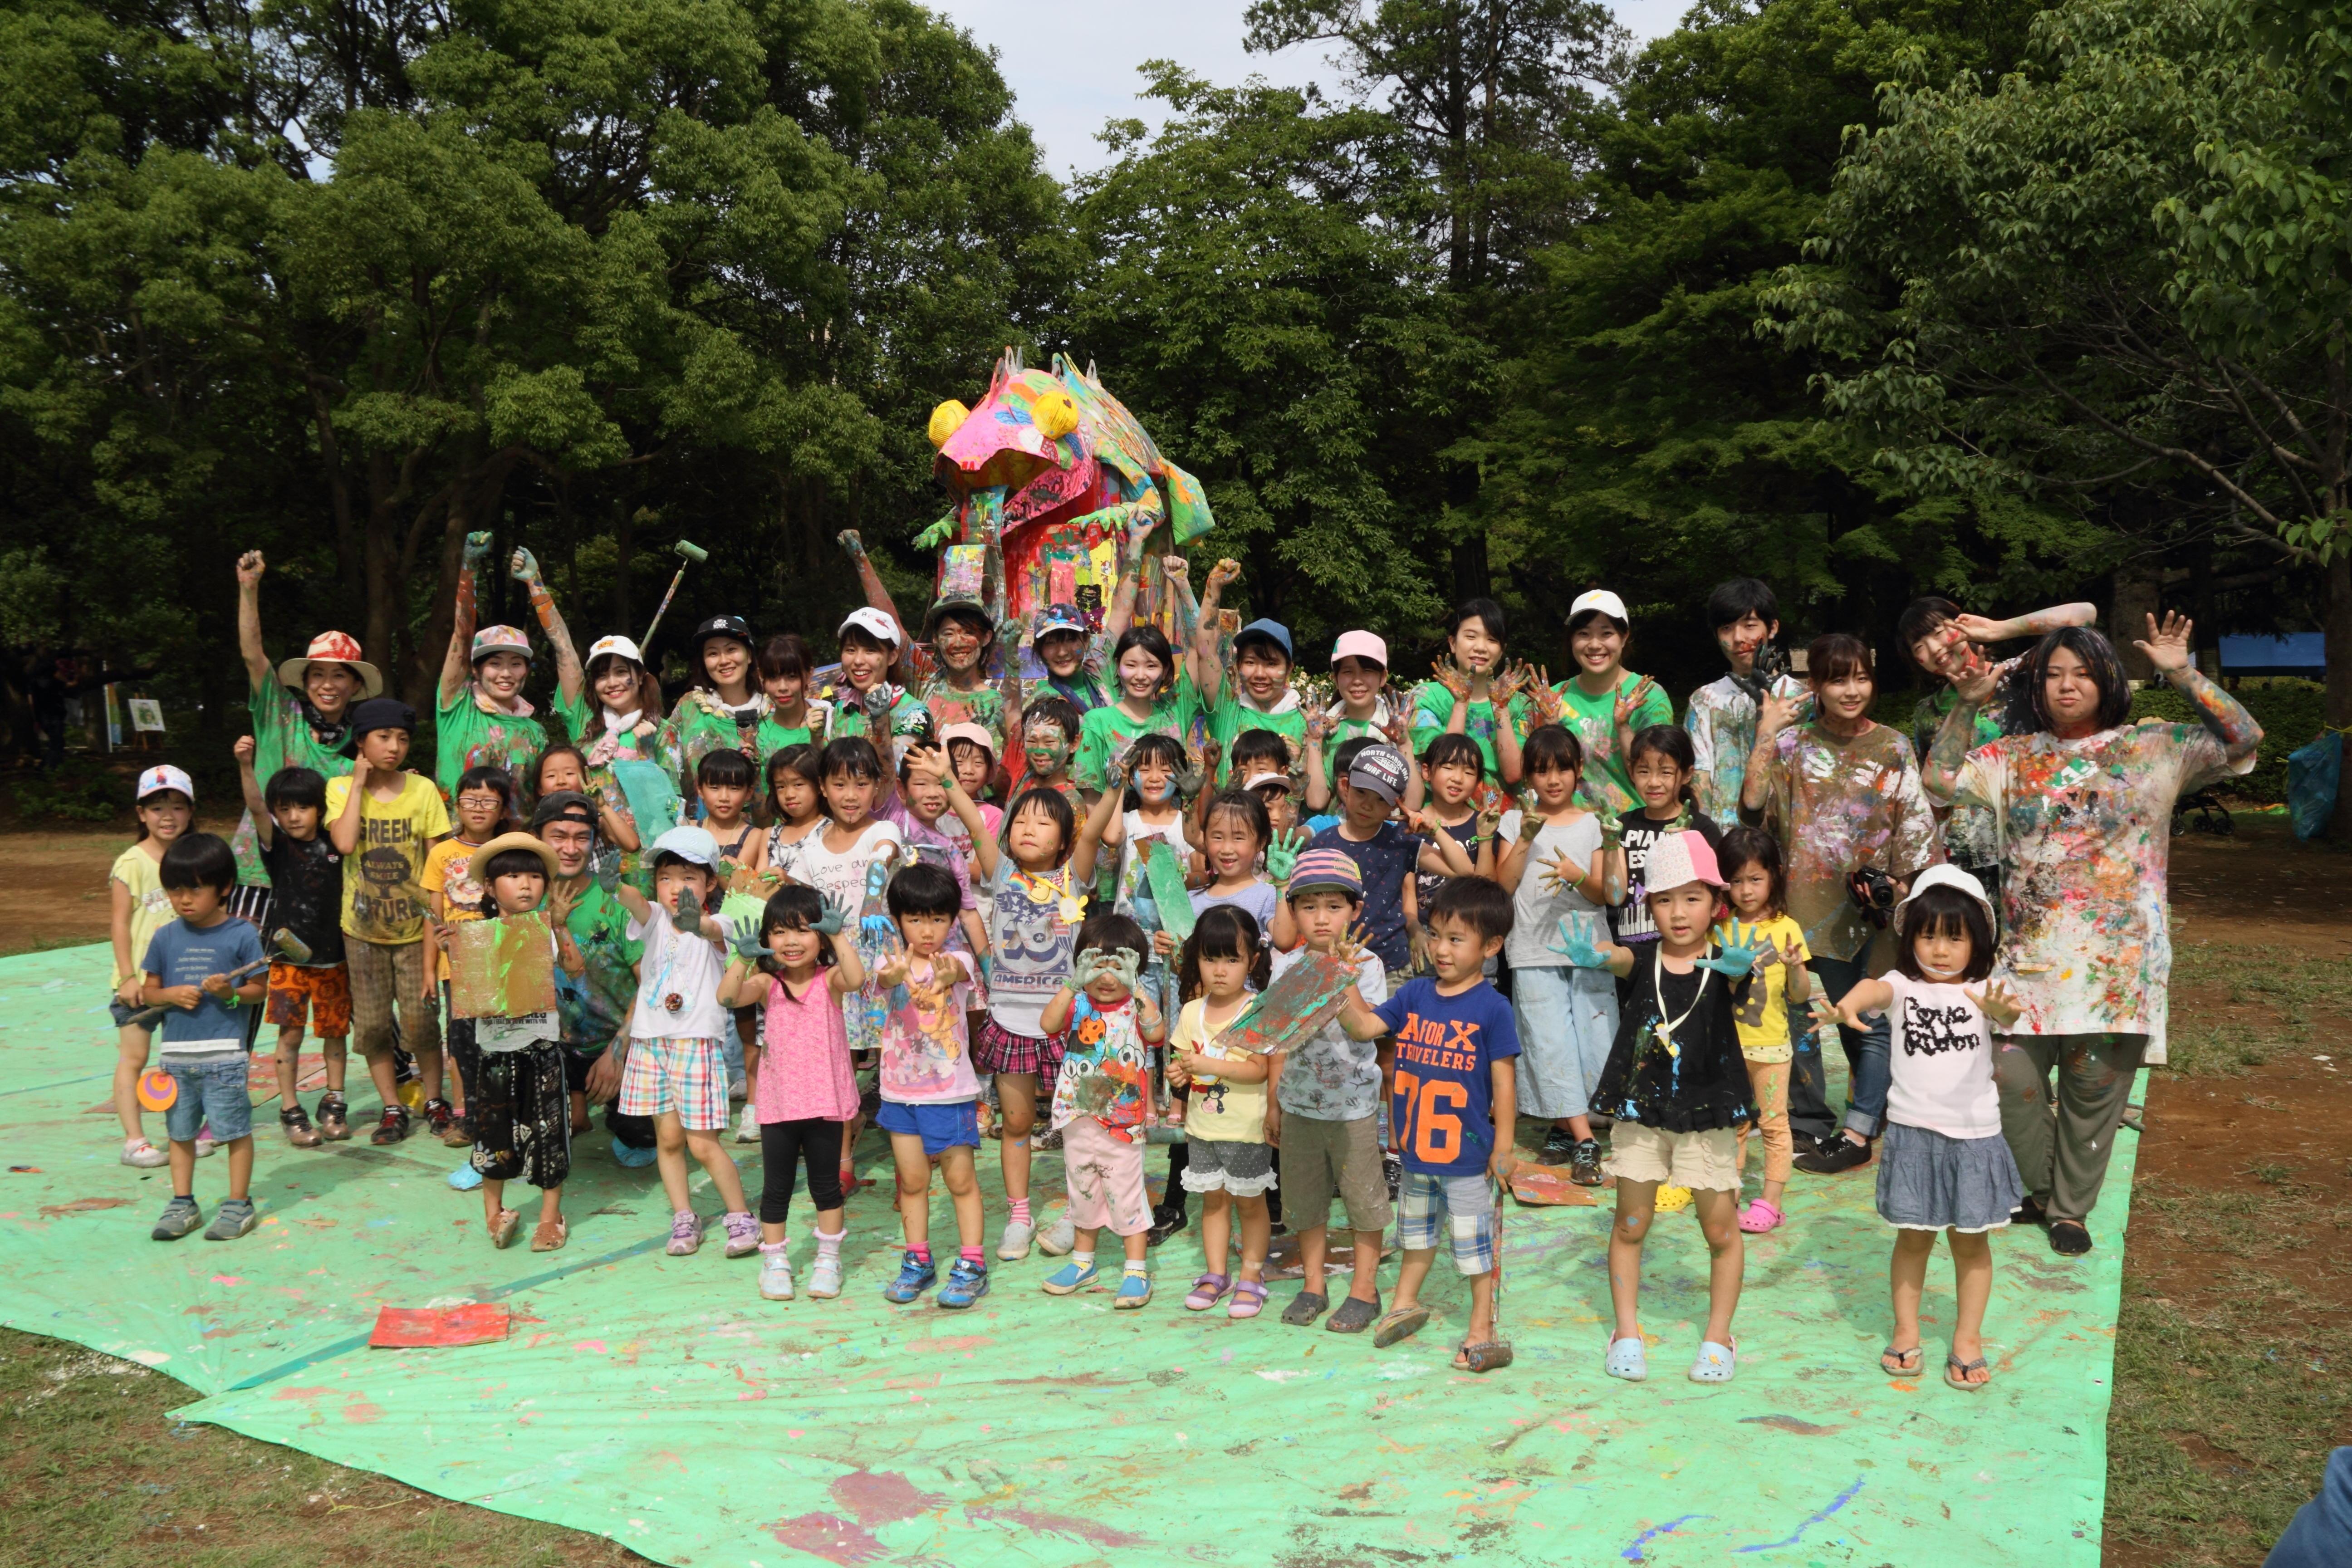 聖徳大学が7月1日に子ども向けのイベント「アートパーク11 まつどパラレルワールド」を開催 -- 公園全体がアートで遊ぶ空間に変身!